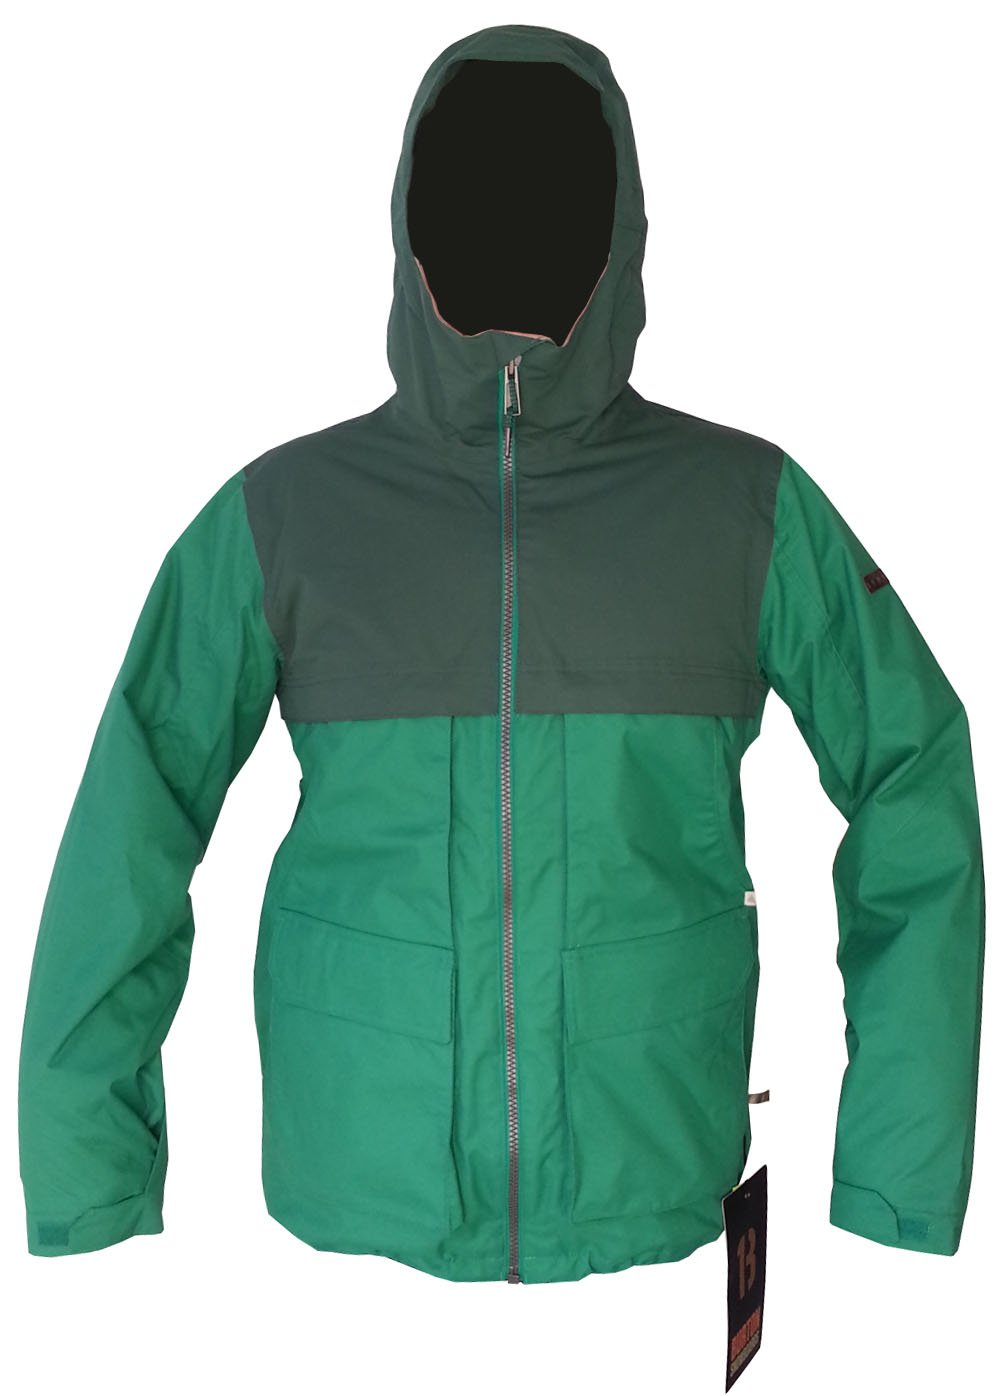 BURTON Snowboard & Ski Jacke Arctic Jacket, wasserdicht, winddicht, atmungsaktiv jetzt kaufen